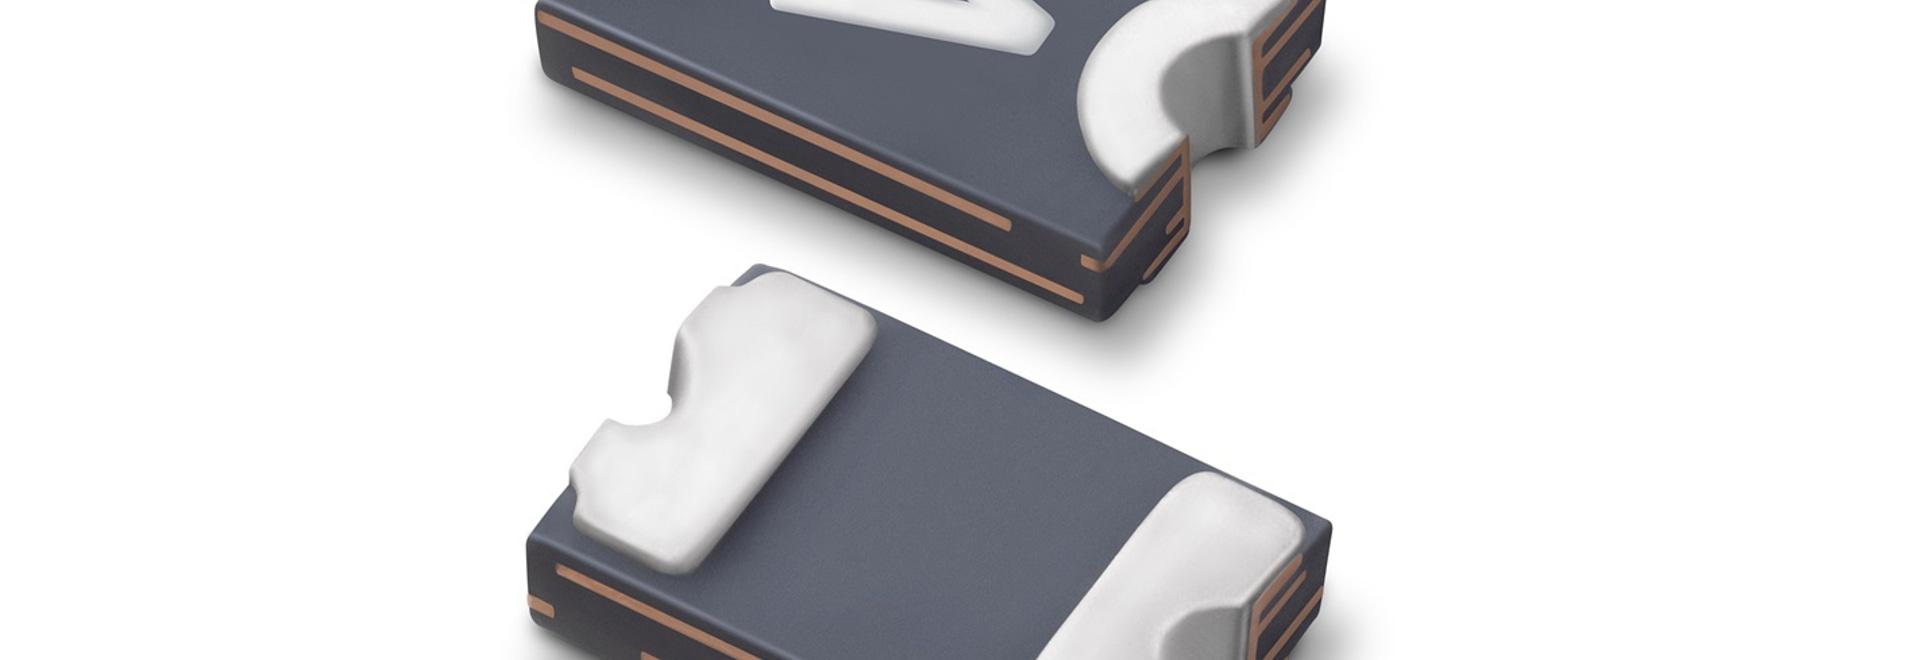 Littelfuse setP™ Les indicateurs de température permettent une meilleure prévention des dommages causés par la surchauffe aux connecteurs USB de type C